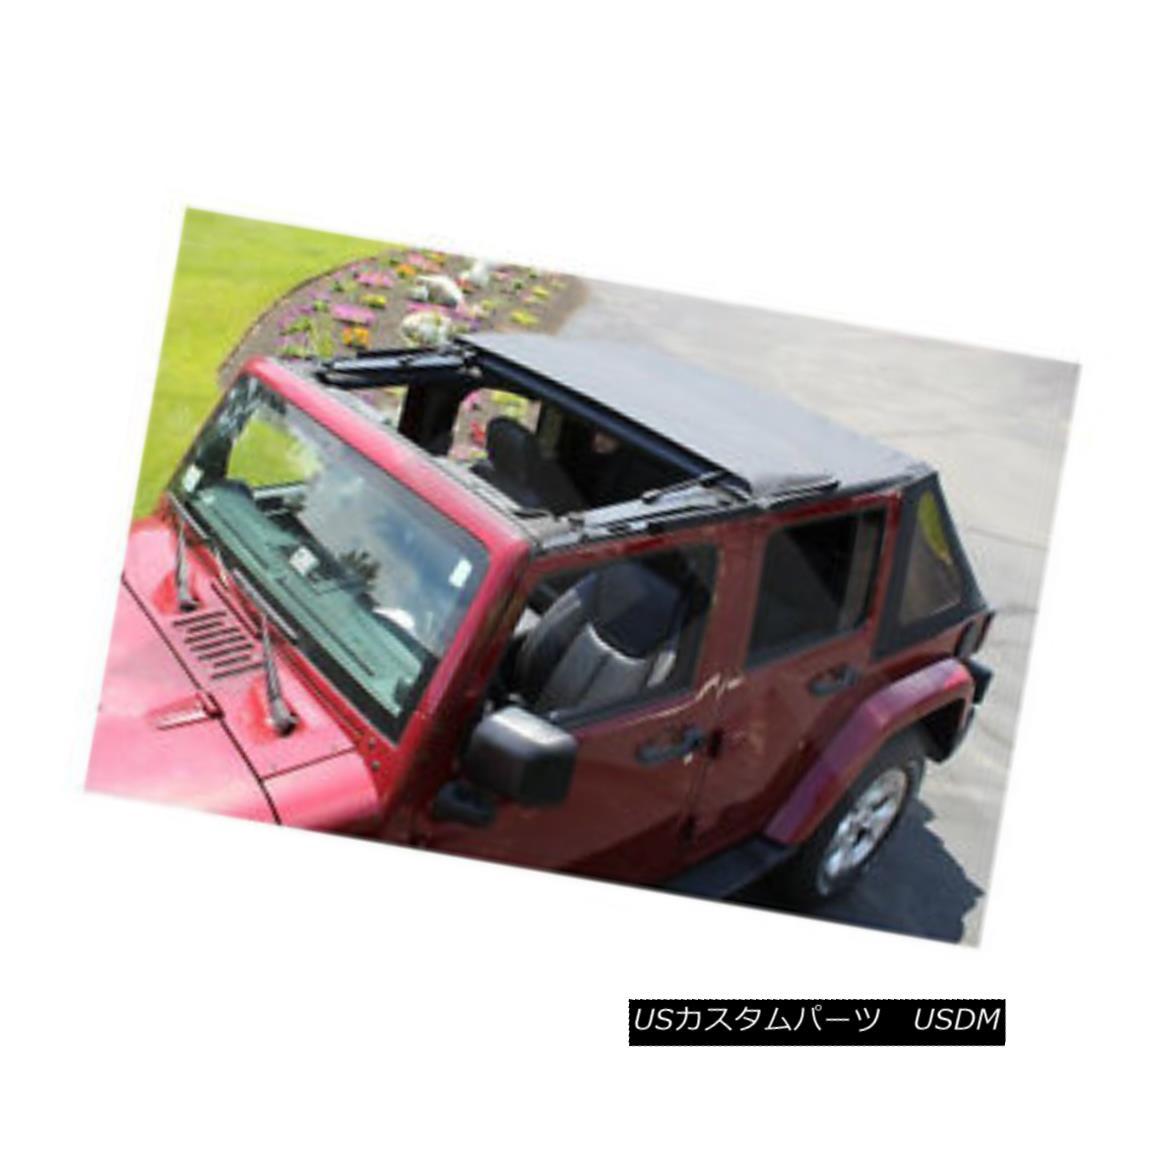 幌・ソフトトップ Fold Back Soft Top 2-Door Jeep Wrangler JK 2007-2016 Rough Trail RT10735T 折り返しソフトトップ2ドアジープラングラーJK 2007-2016 Rough Trail RT10735T